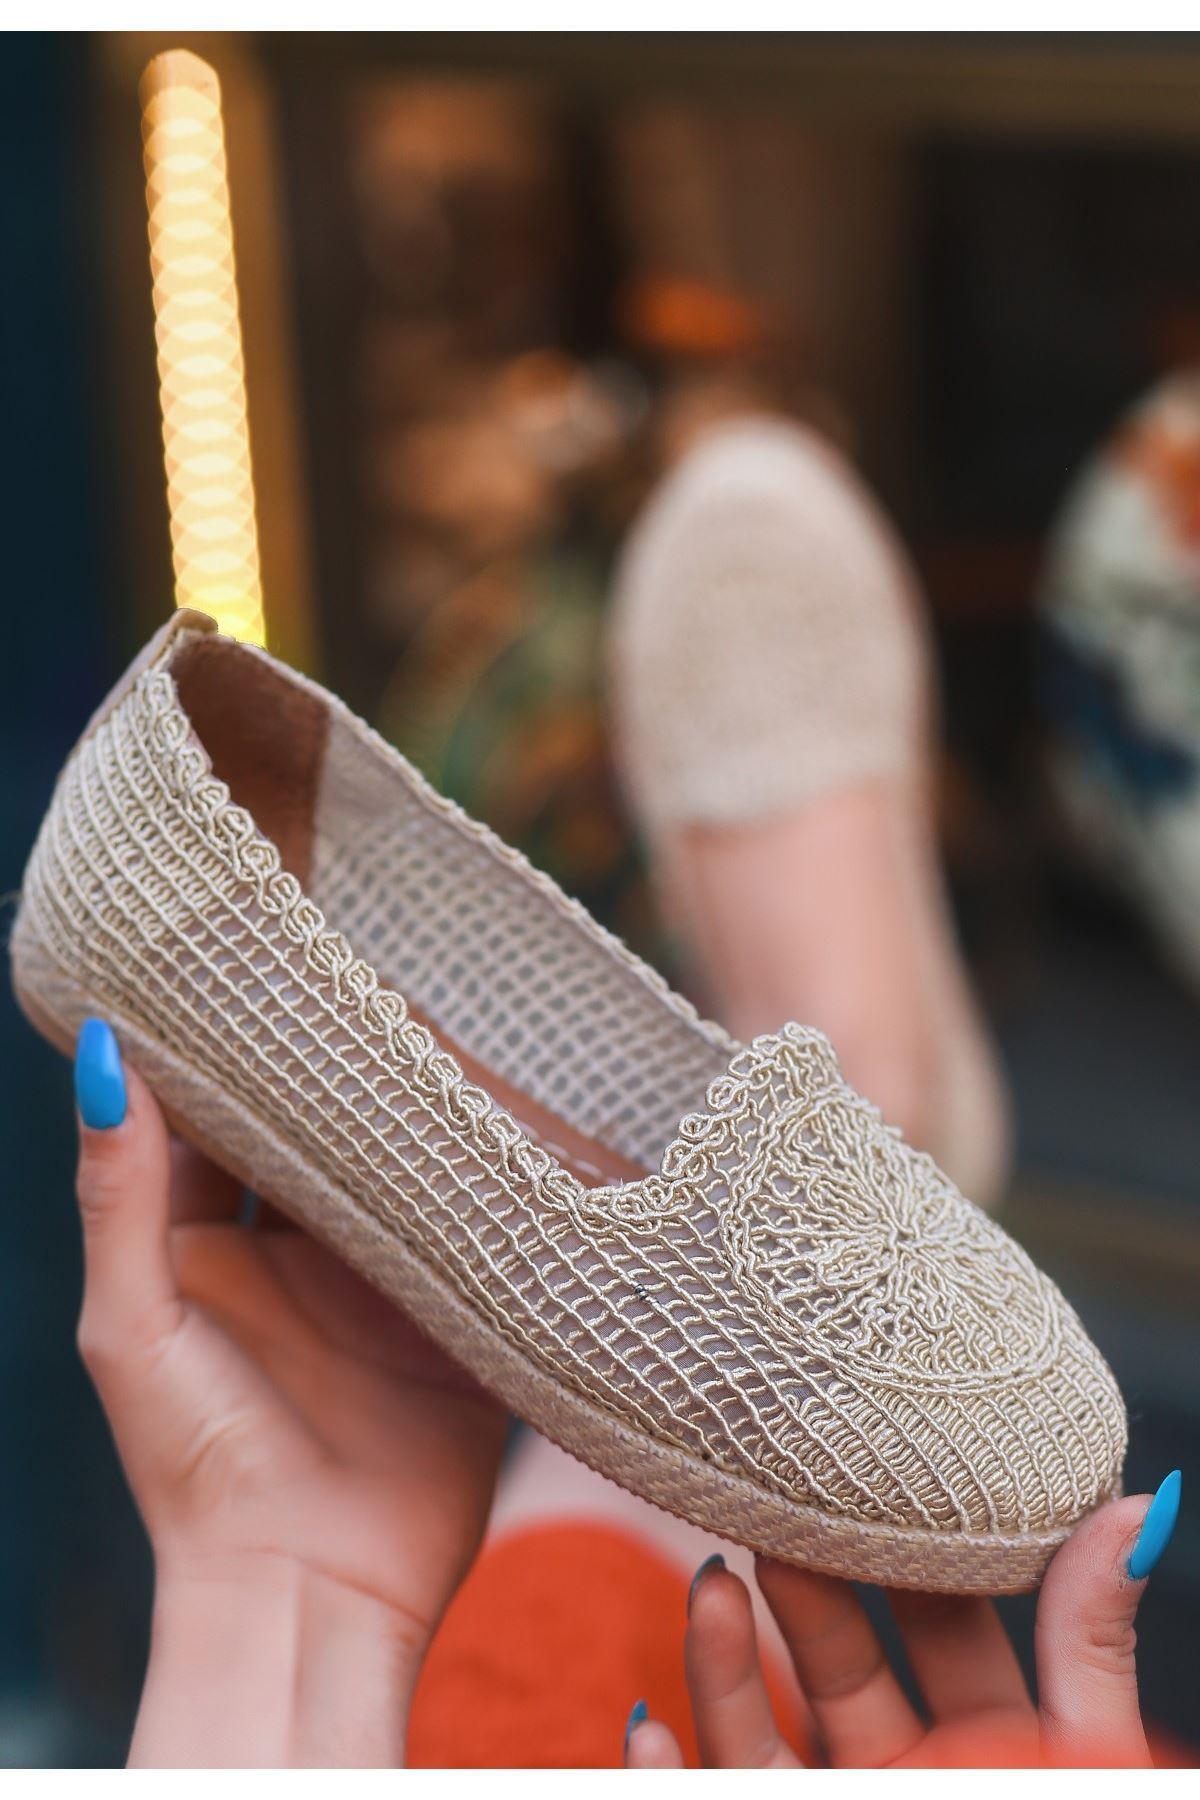 Evic Krem Örgülü Babet Ayakkabı